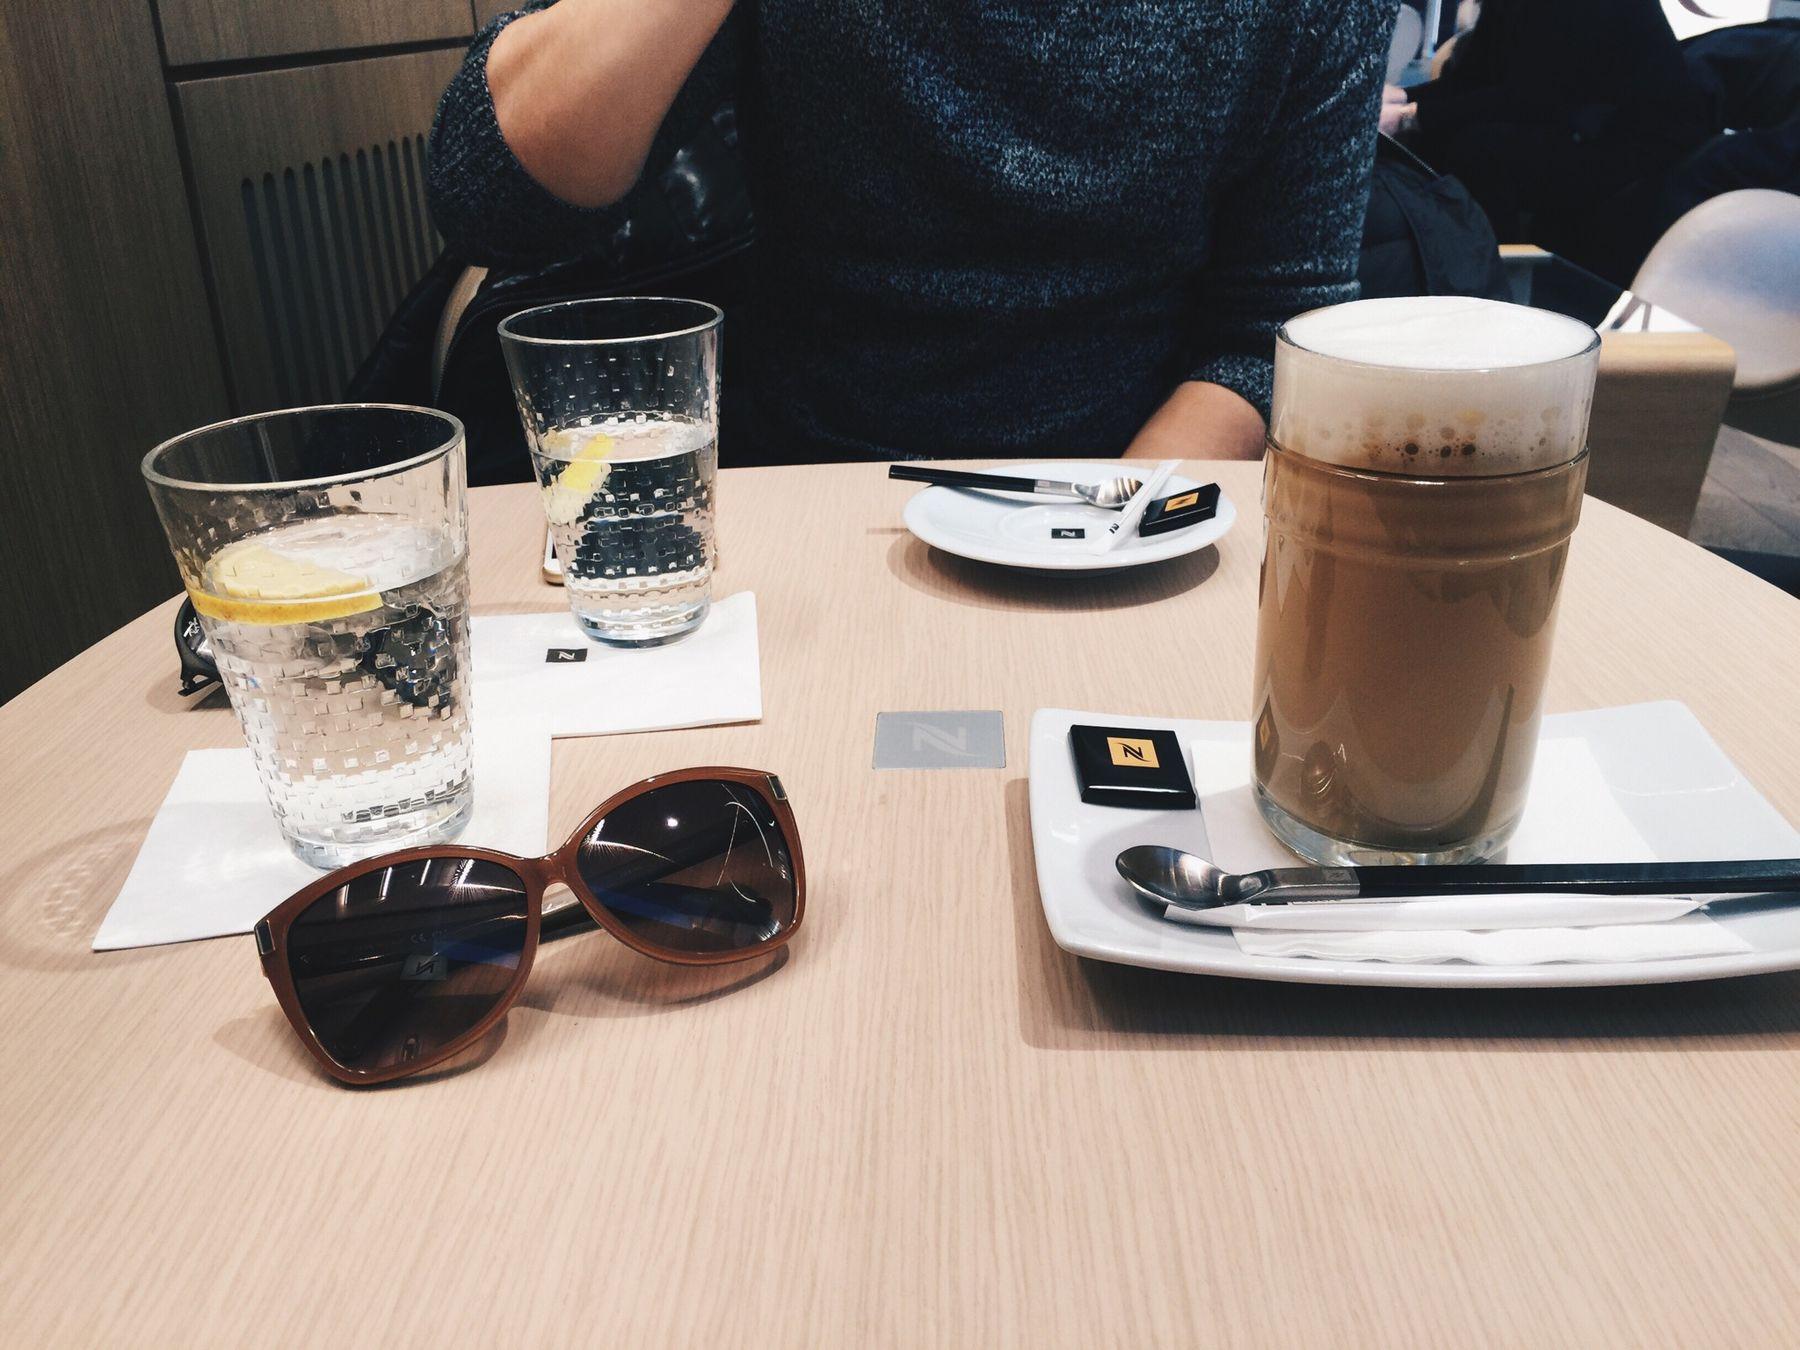 Nespresso Time with hubby, Espresso Dulce Le Leche Coffee